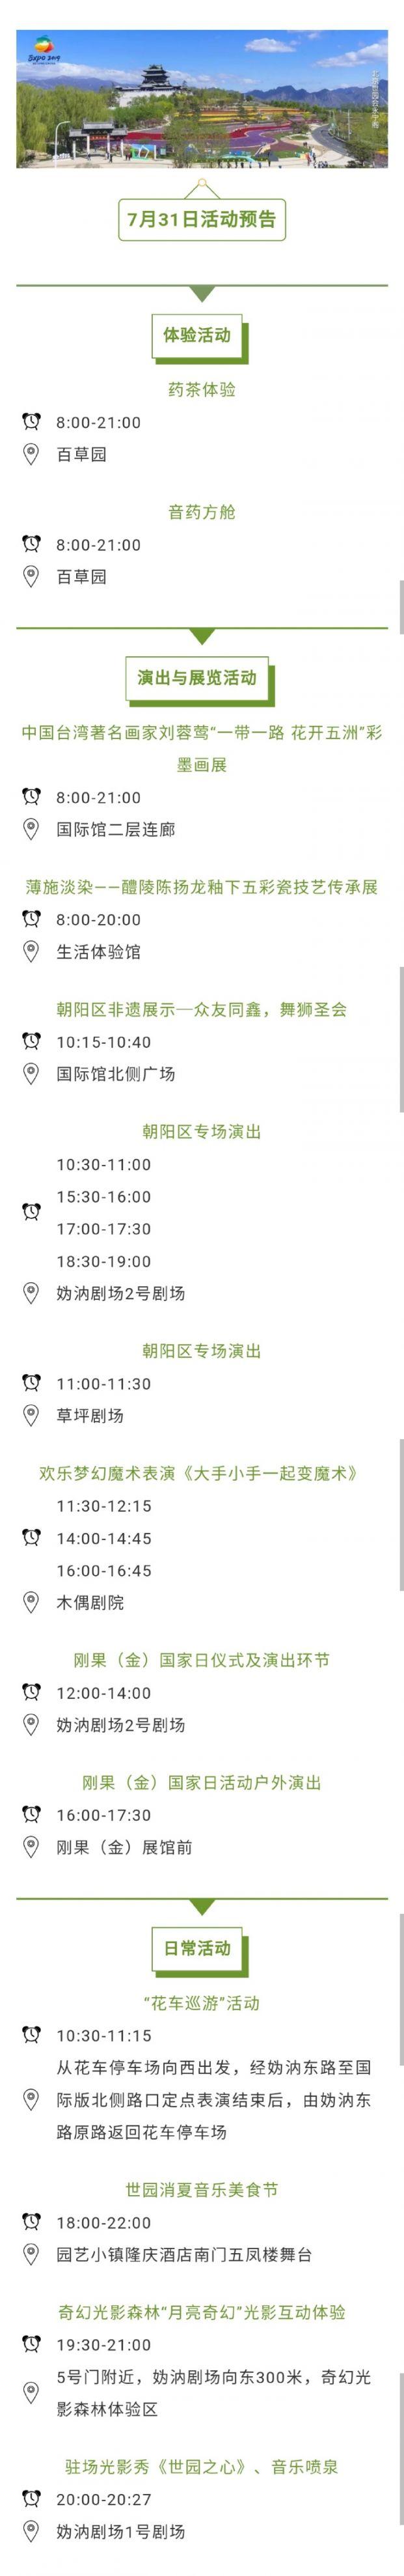 2019年7月31日北京世园会园区内活动预告